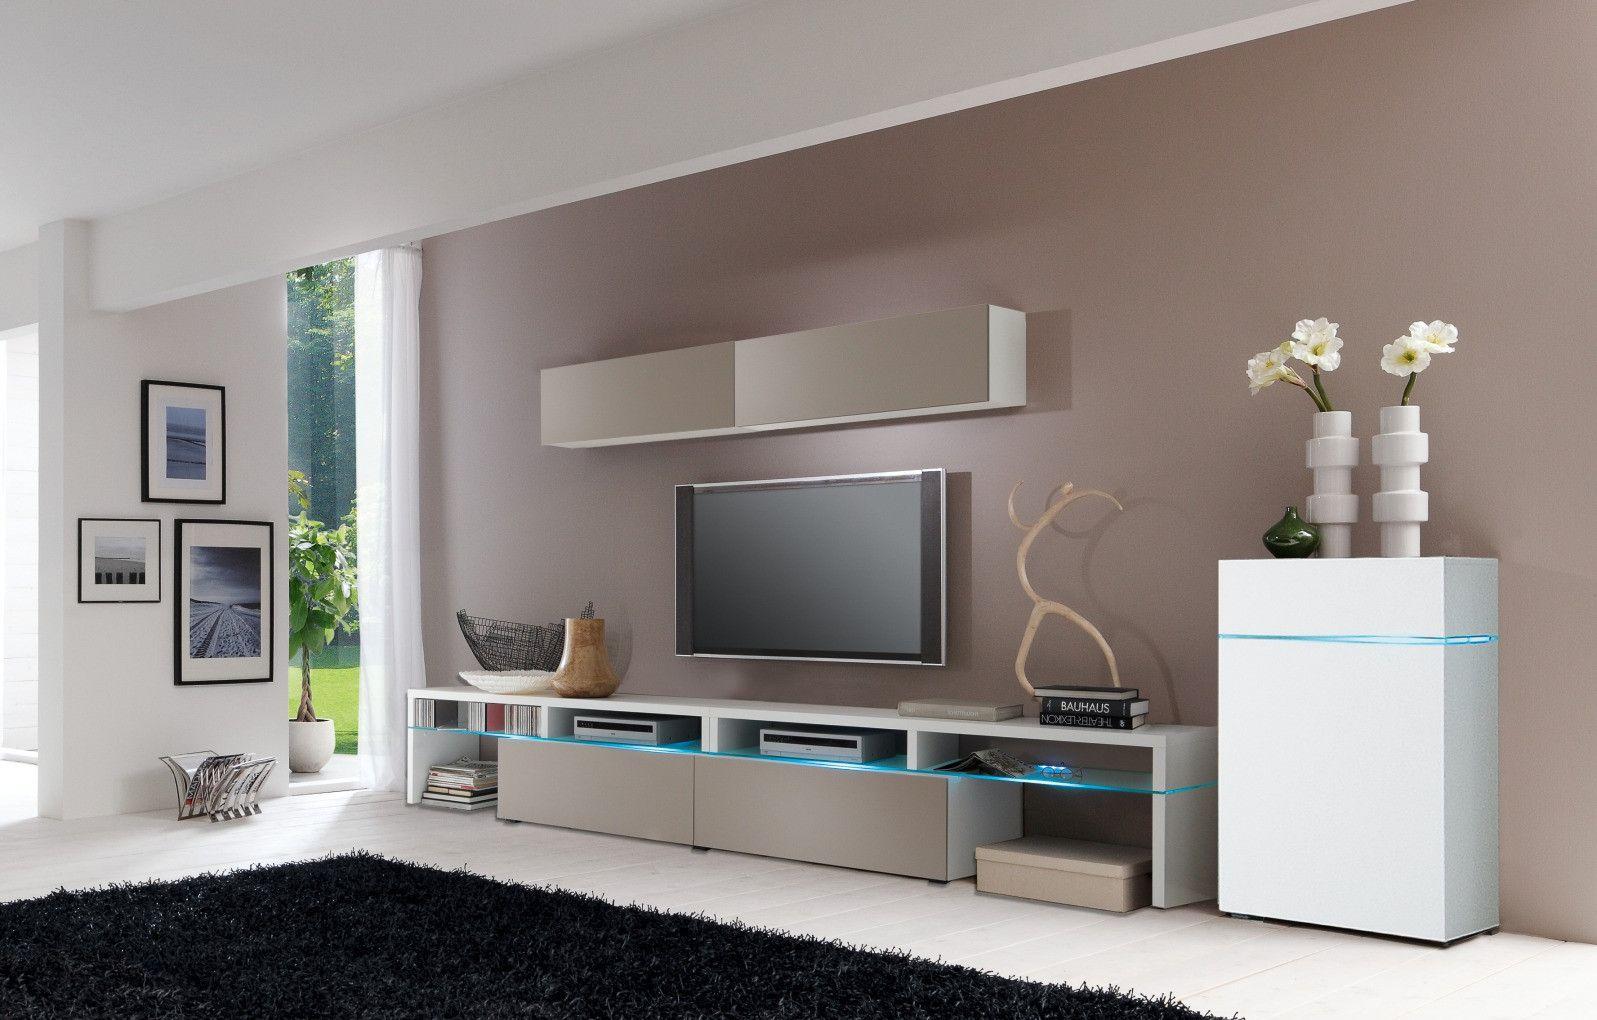 welche farben passen zu schlamm ostseesuche com. Black Bedroom Furniture Sets. Home Design Ideas